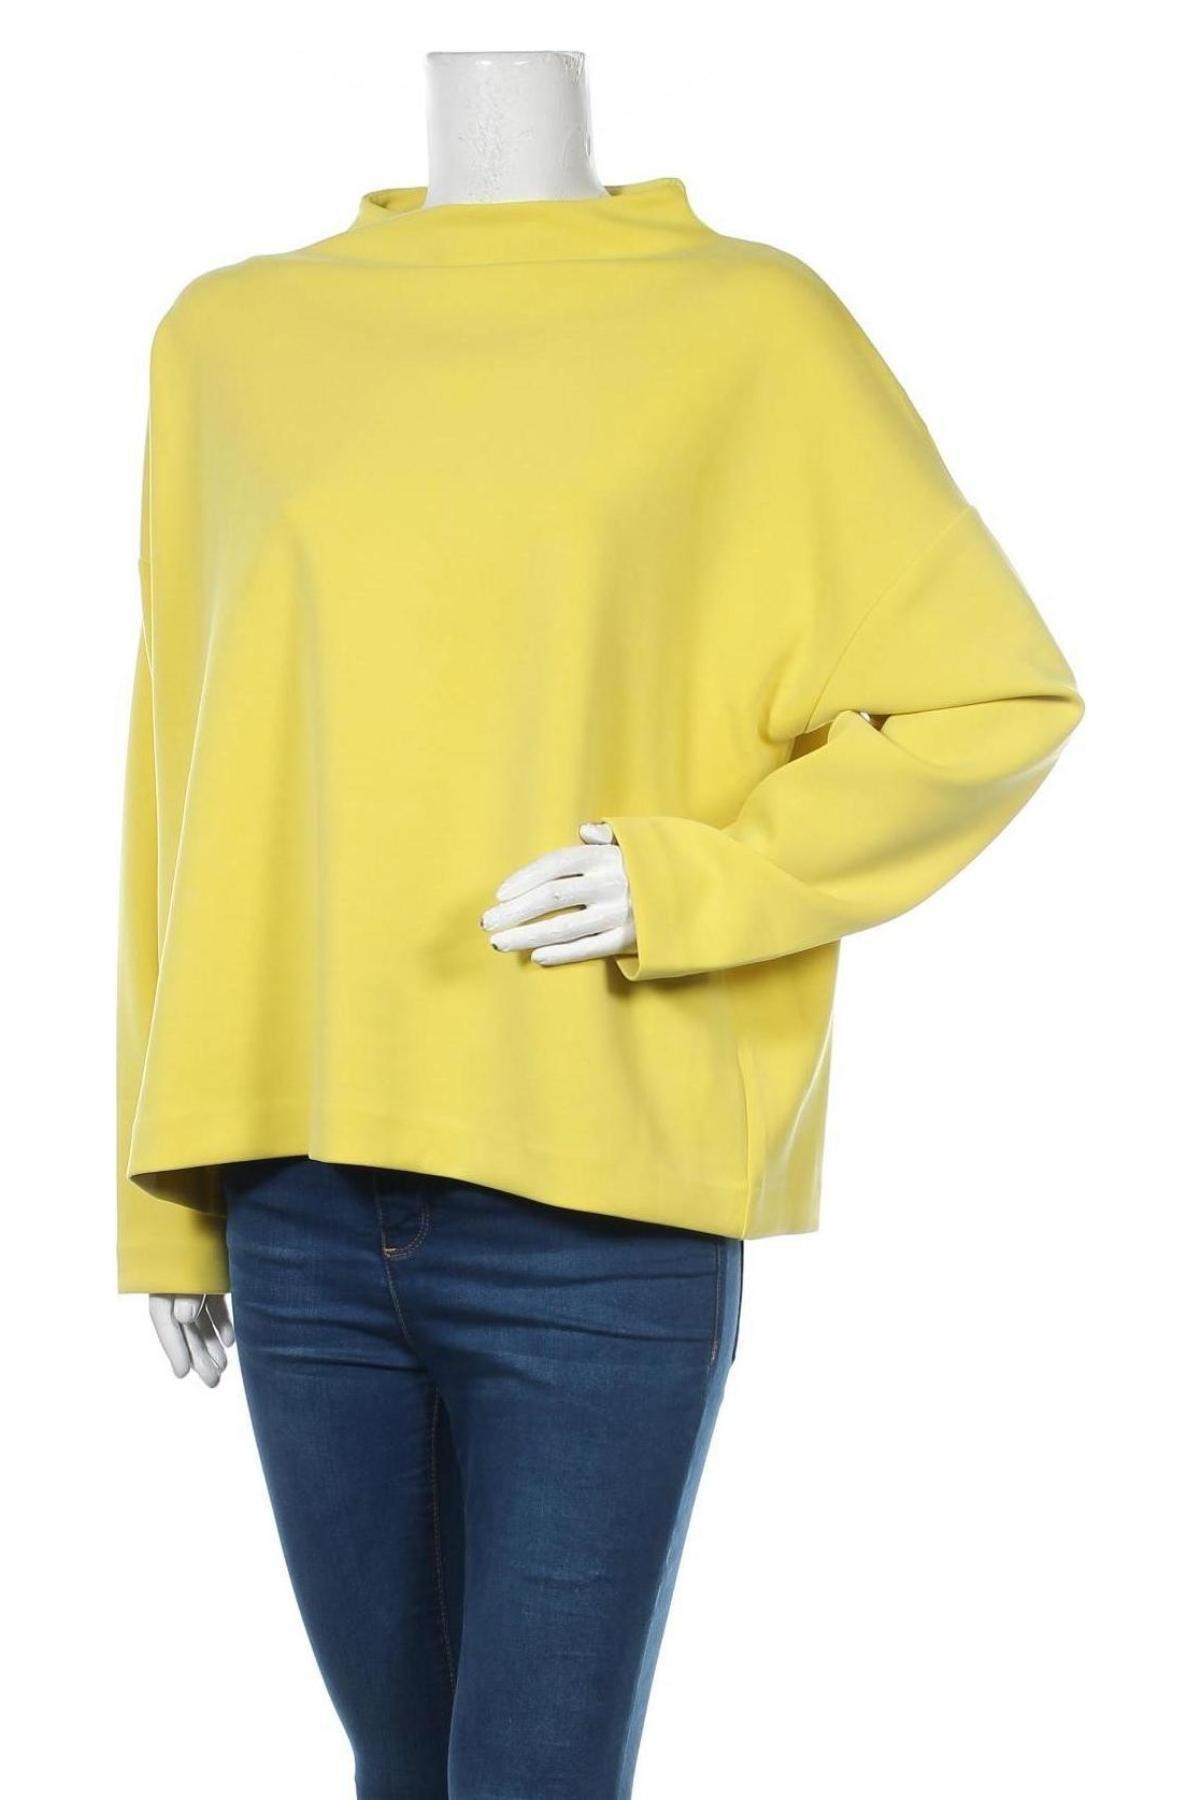 Дамска блуза Someday., Размер L, Цвят Жълт, 50% полиестер, 44% модал, 6% еластан, Цена 51,75лв.